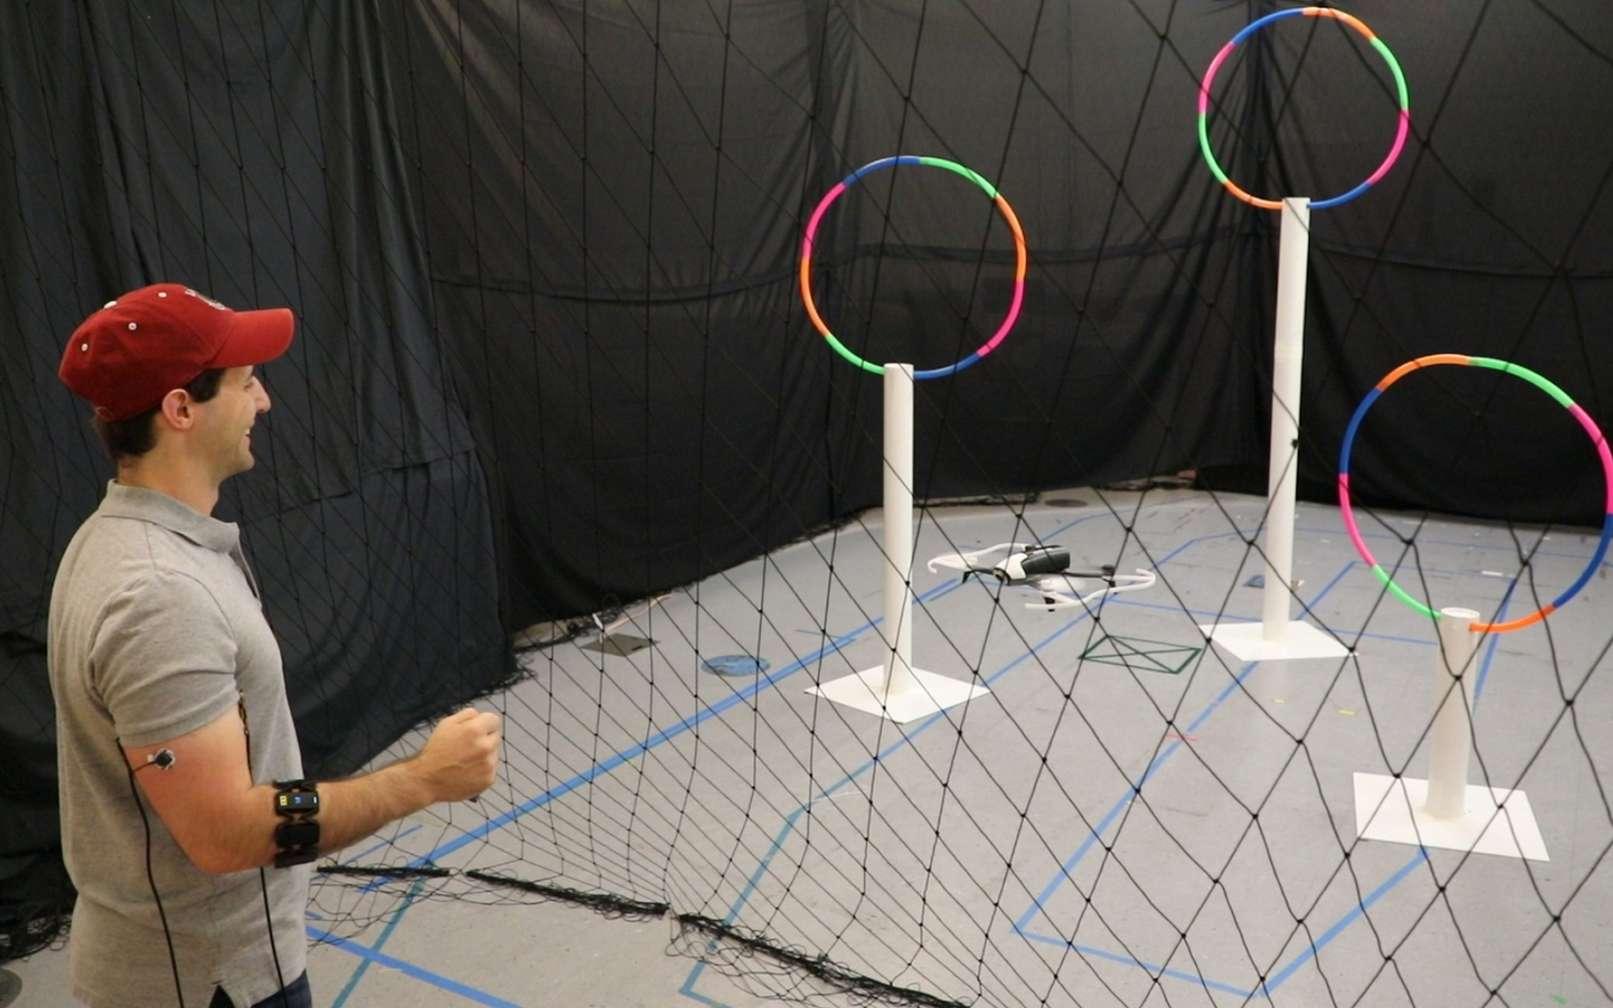 L'interface de contrôle développée par le MIT peut être utilisée par différentes personnes sans calibrage préalable. © MIT CSAIL